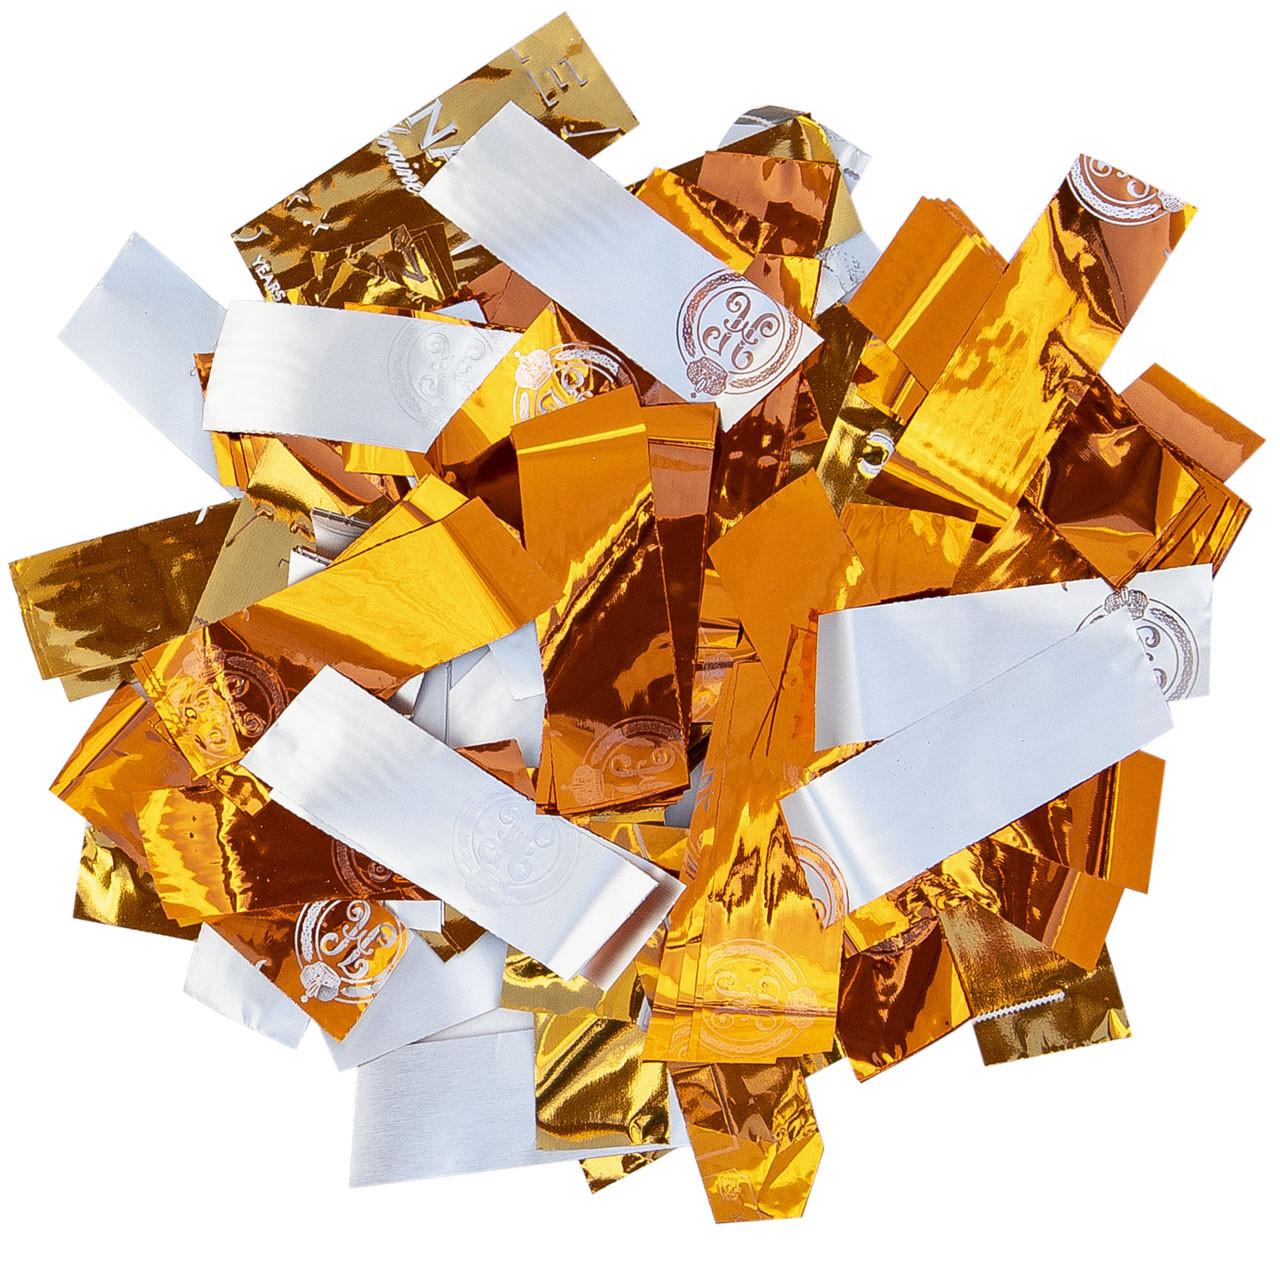 Конфетти-Метафан ЛК621 Оранжево-Белый 2х6 1кг